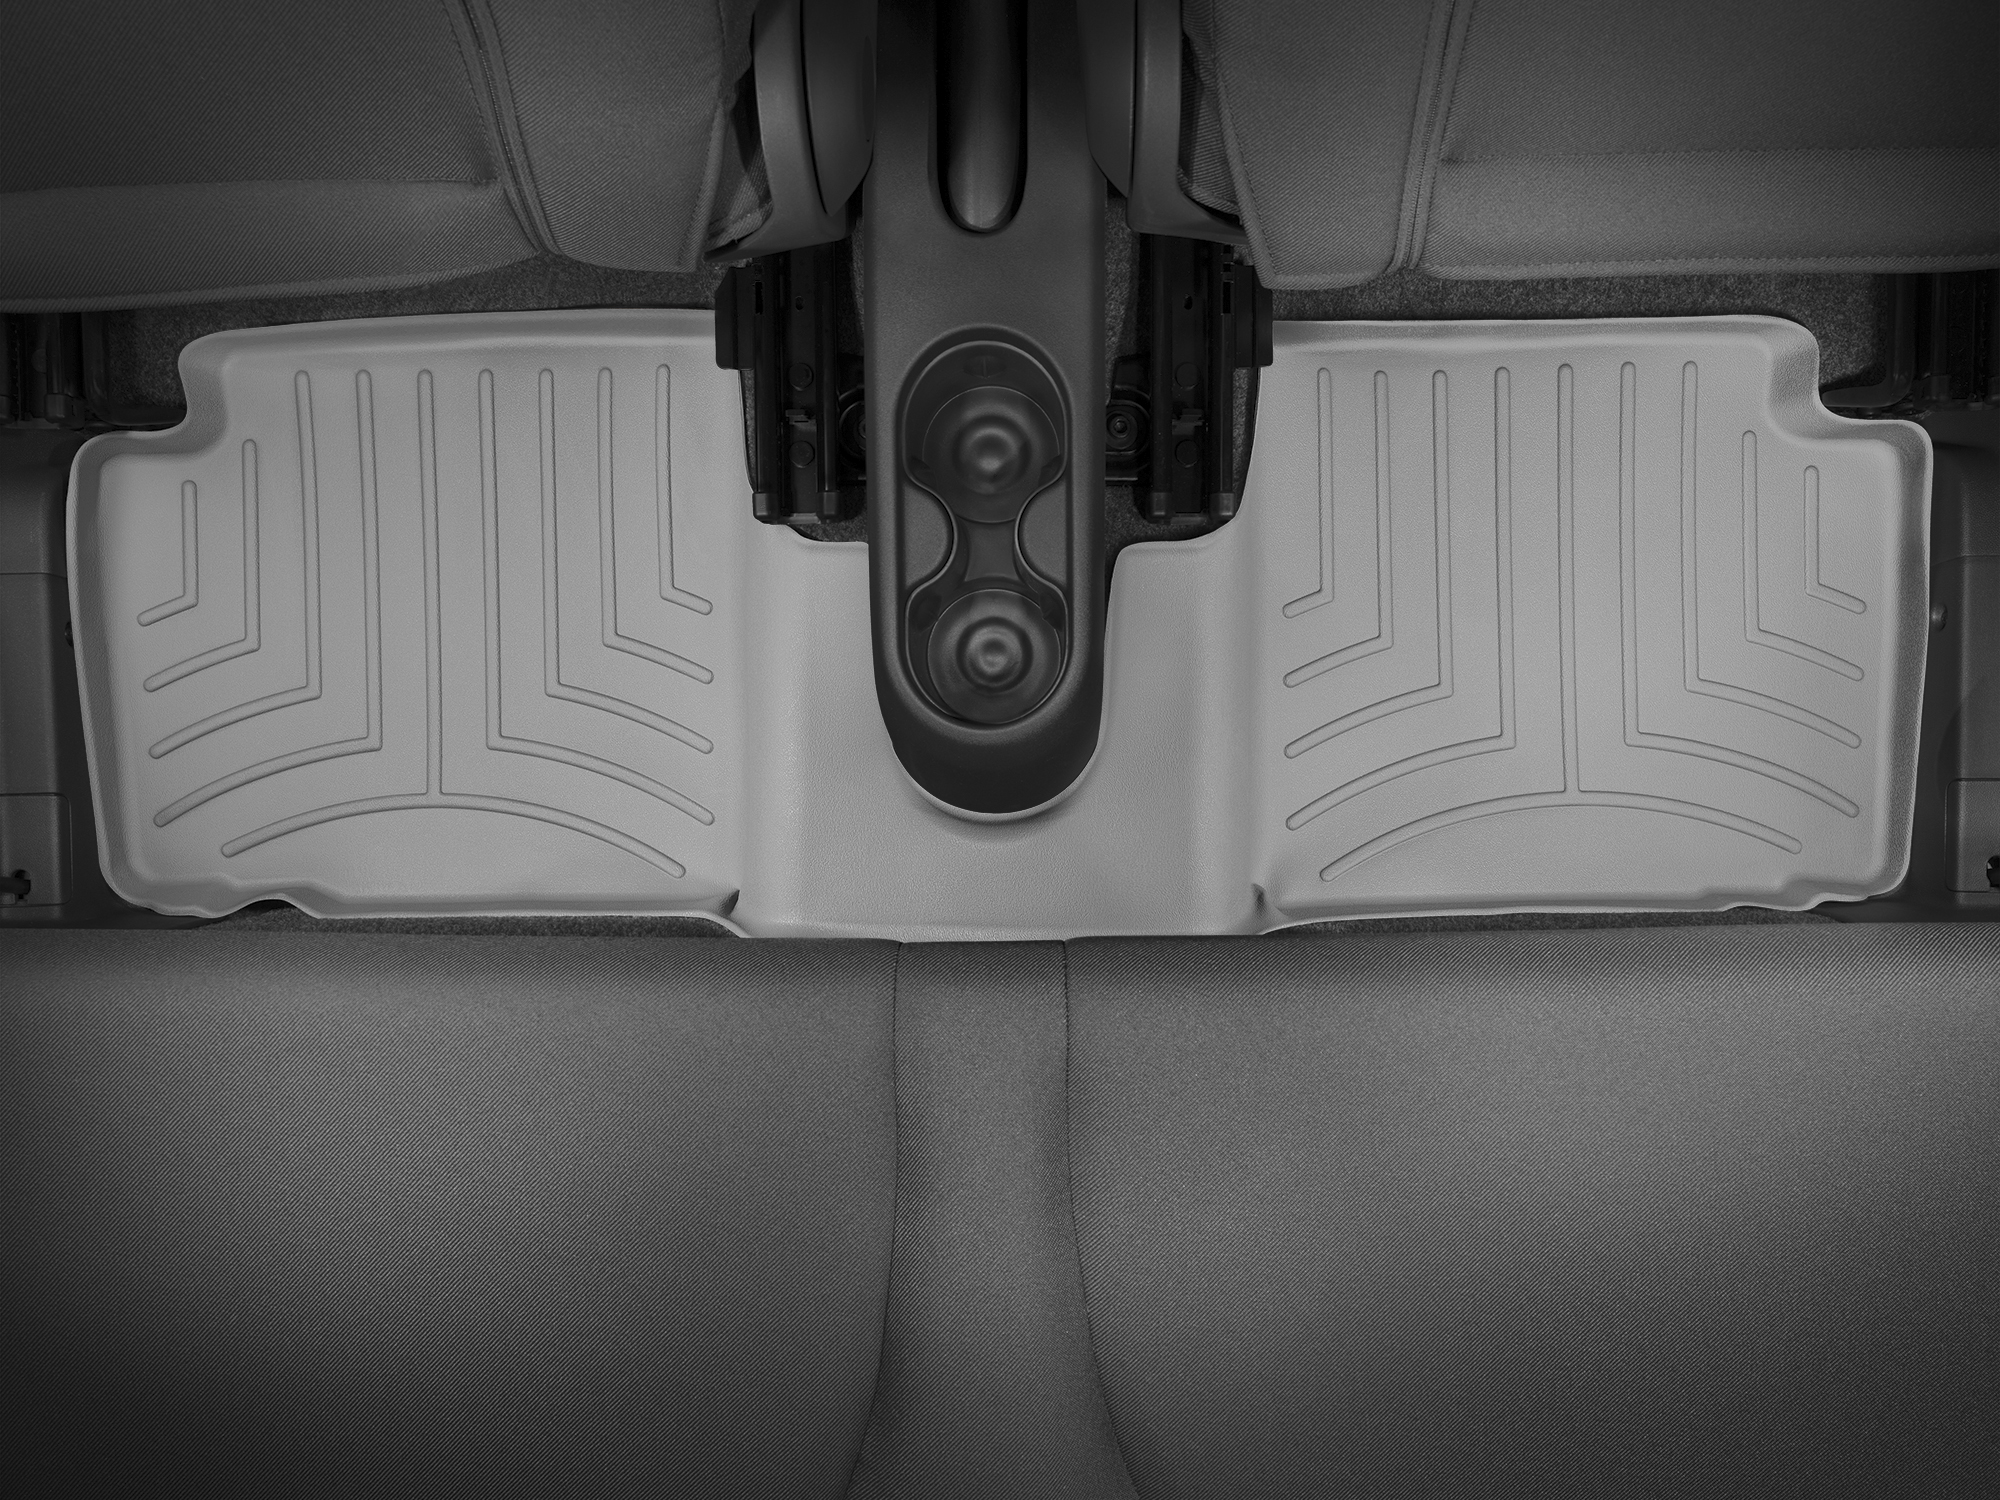 Tappeti gomma su misura bordo alto Fiat 500C 09>17 Grigio A762*